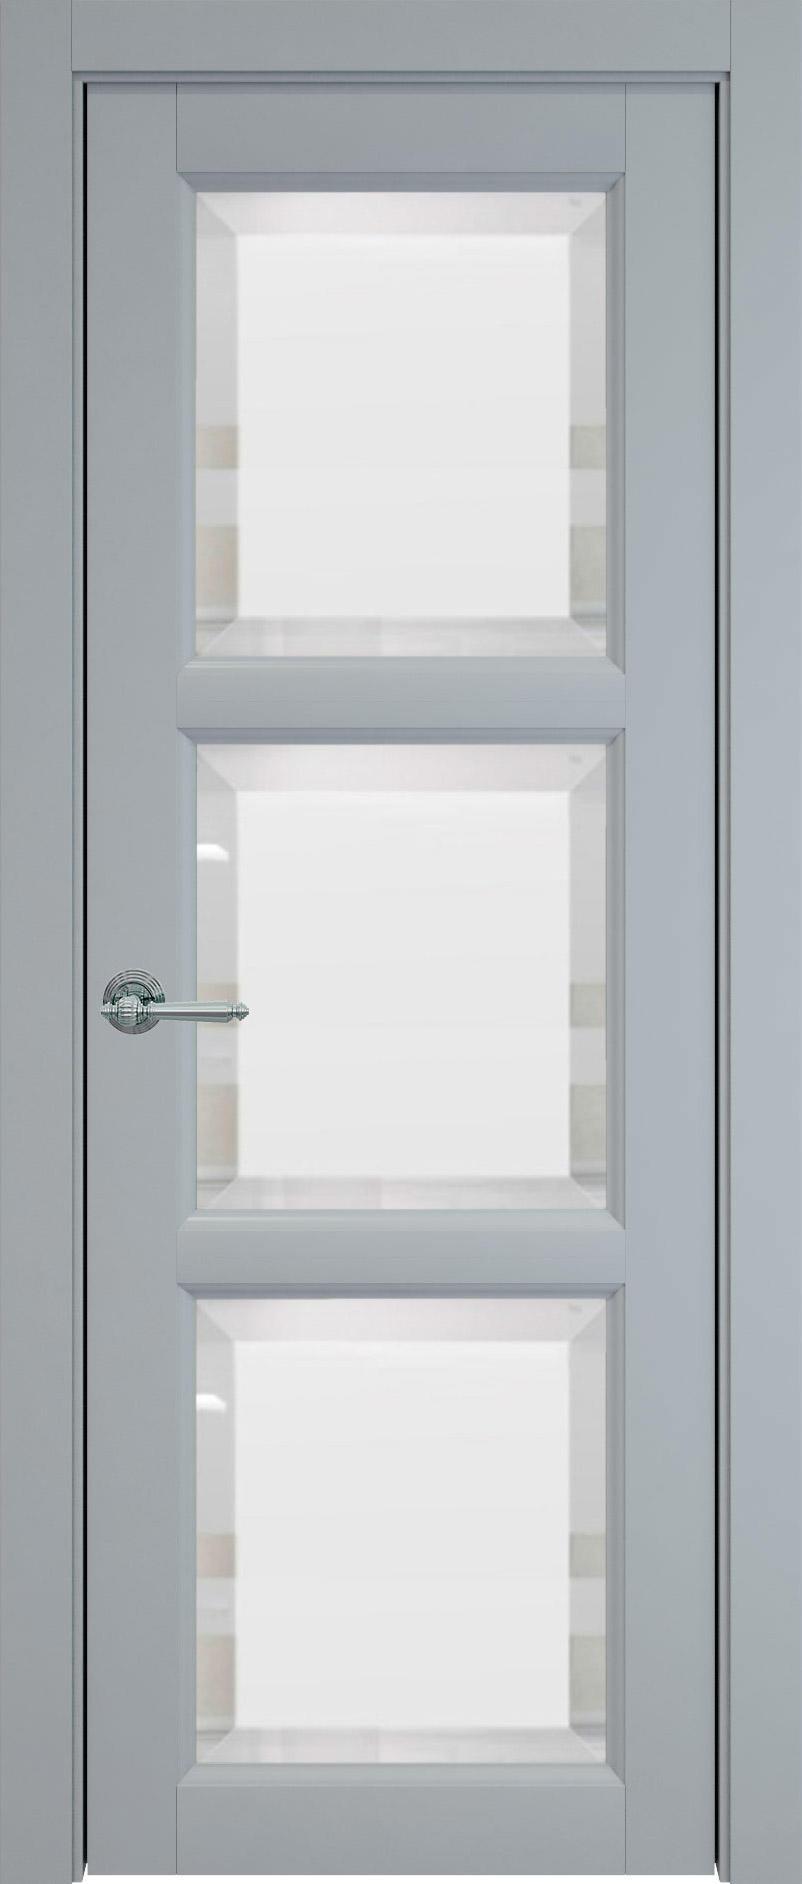 Milano цвет - Серебристо-серая эмаль (RAL 7045) Со стеклом (ДО)